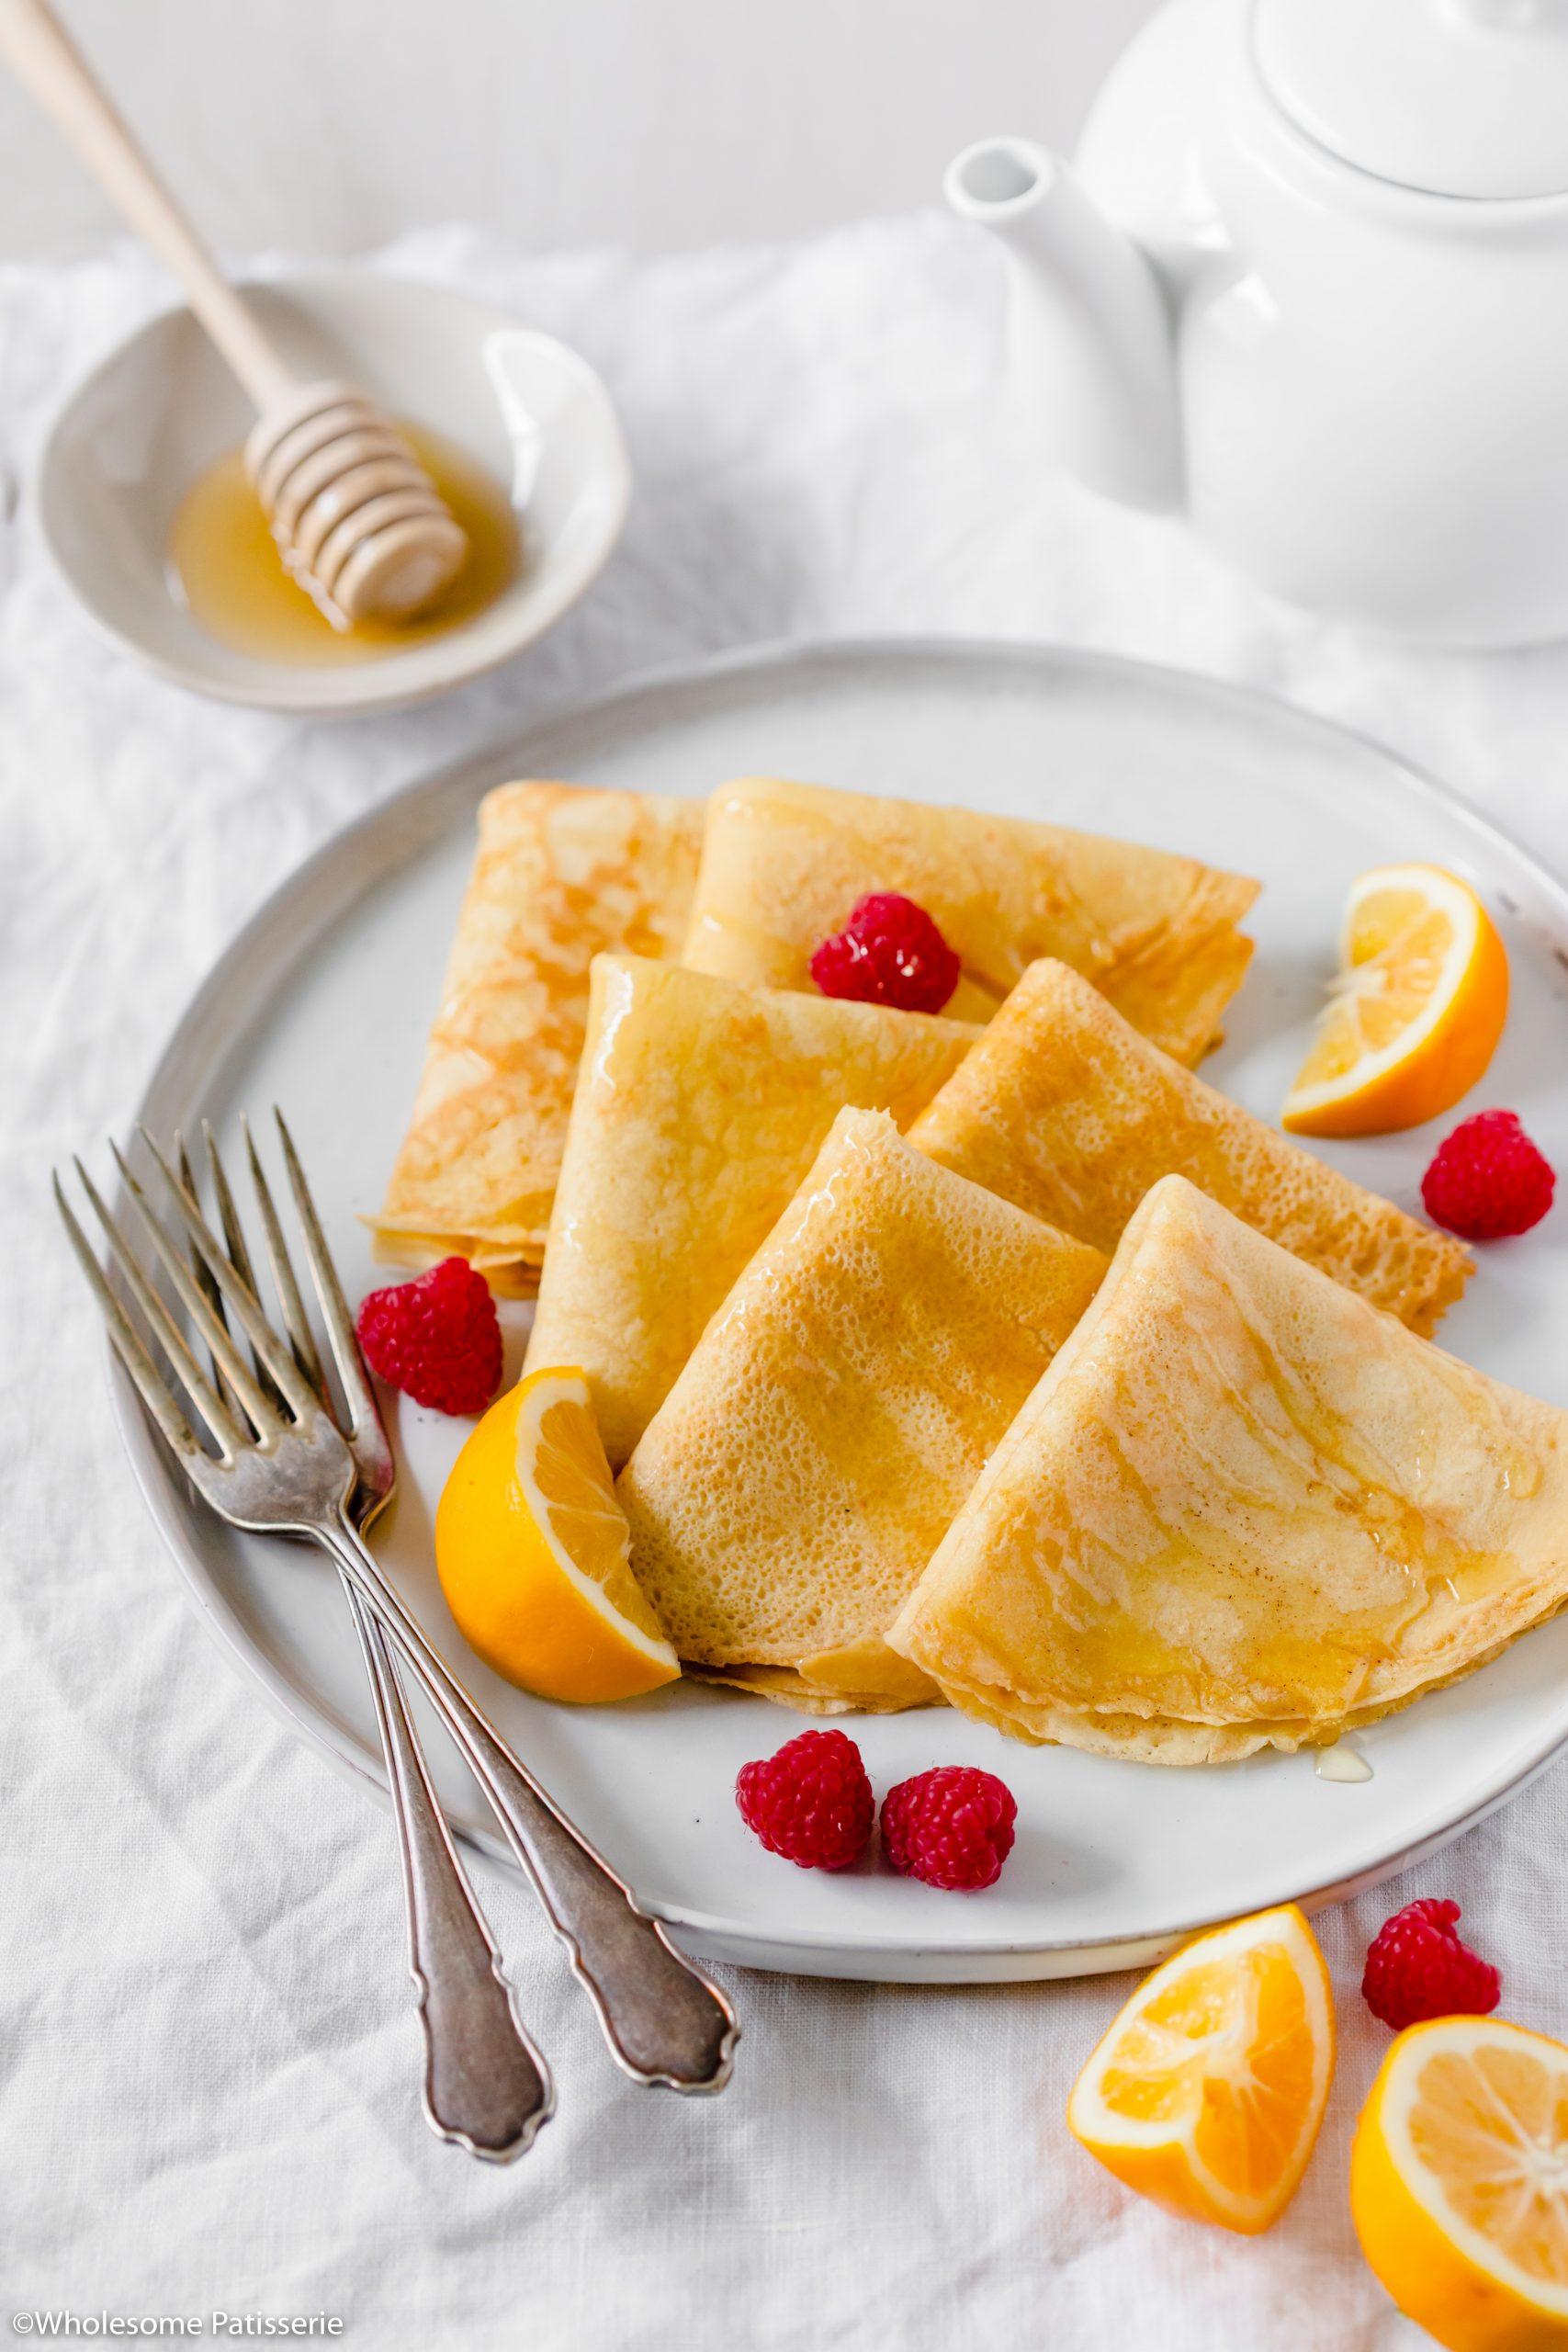 Lemon, Honey & Raspberry Blender Crepes